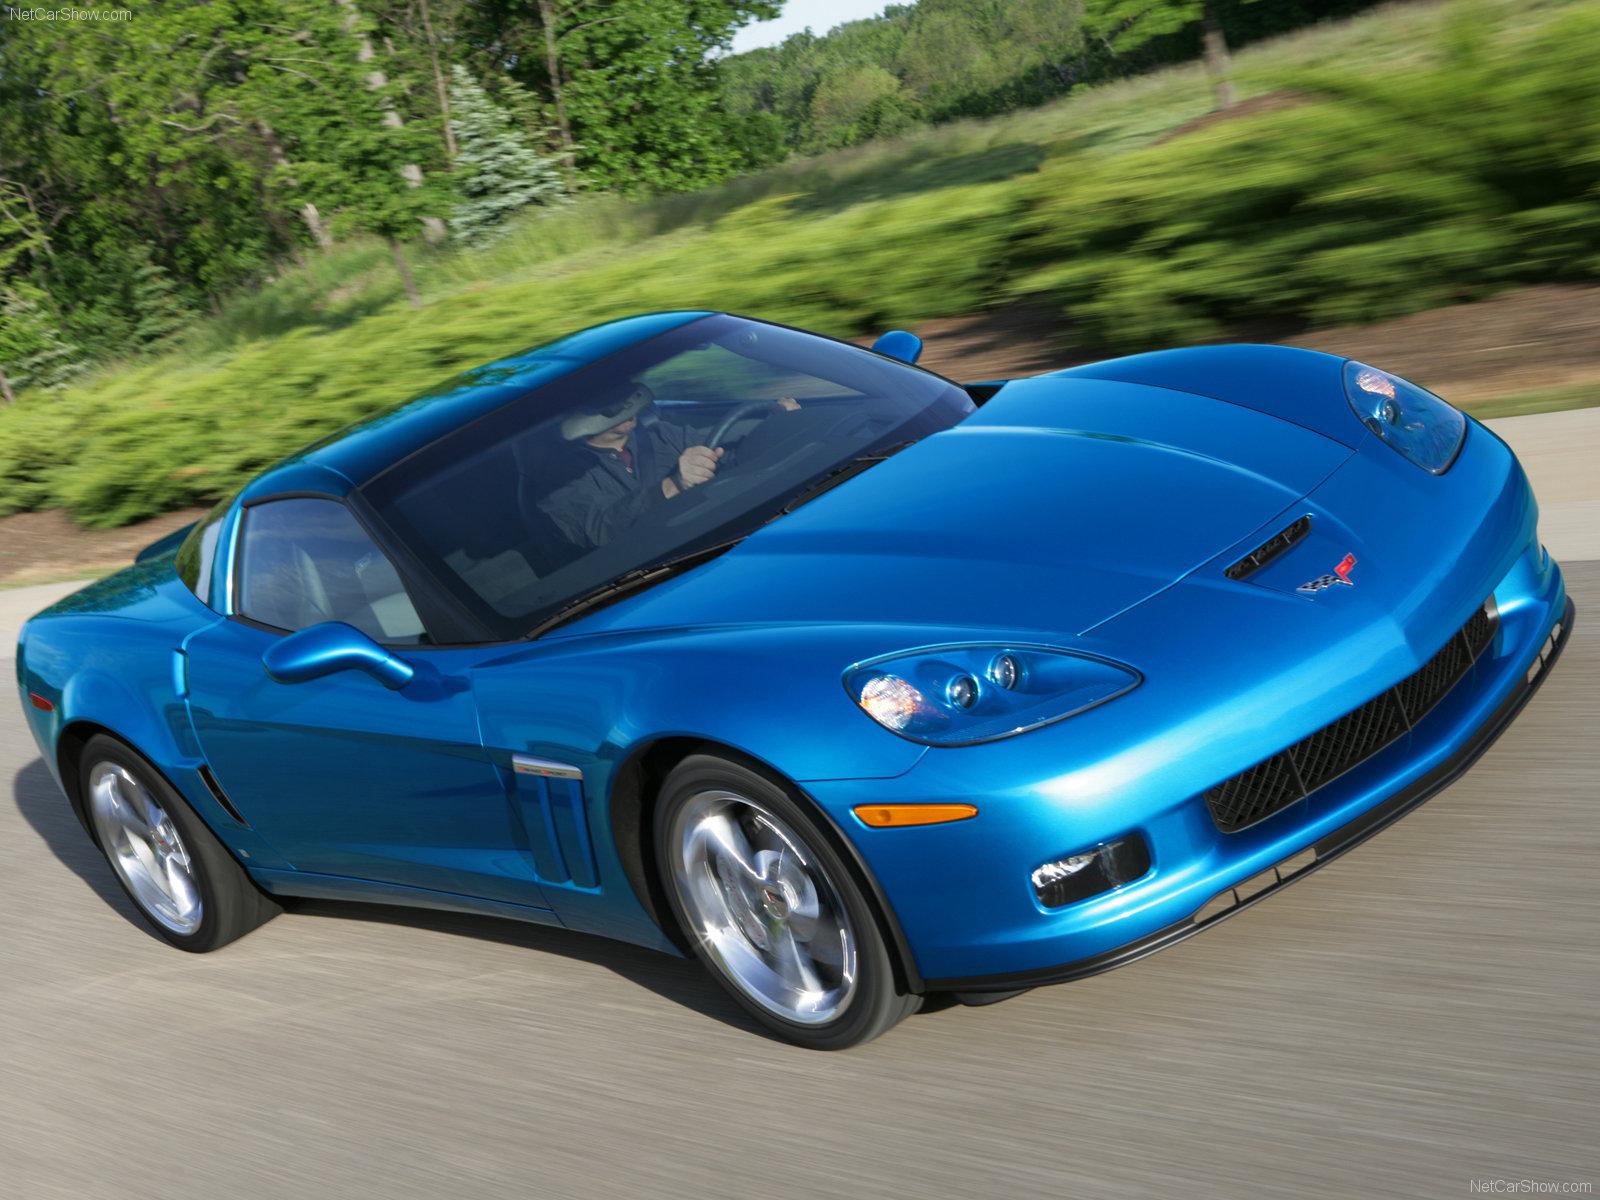 Chevrolet Corvette Grand Sport   World of Cars